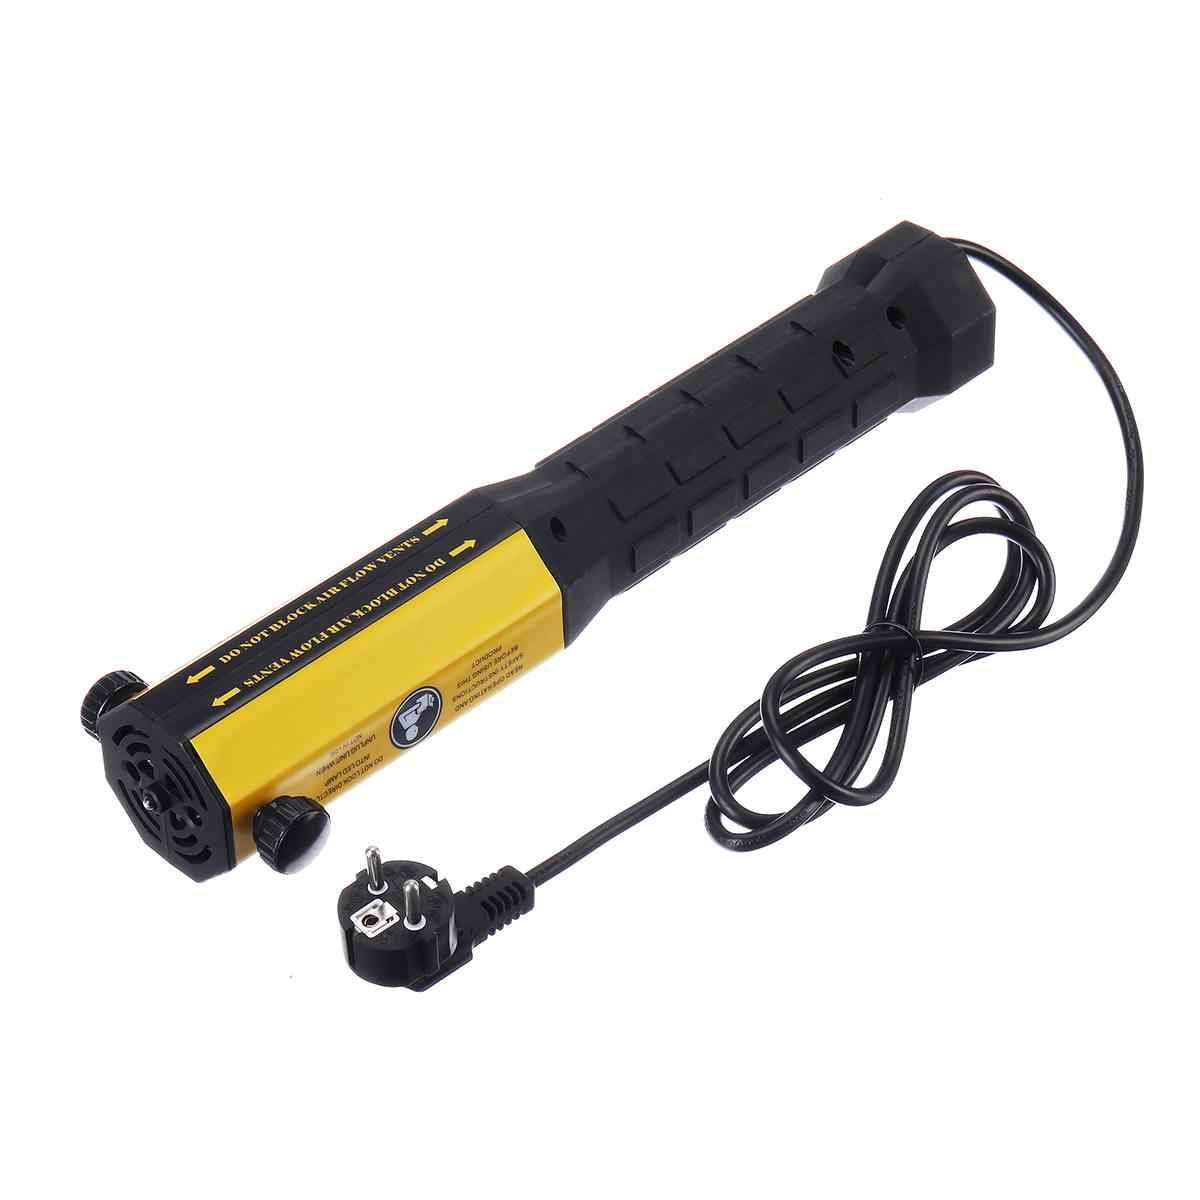 Kit de herramientas de eliminación de calor con 8 bobinas calefactor por inducción magnética de 220V/110V, calentador de inducción sin llama, herramienta de reparación de desmontaje de coche